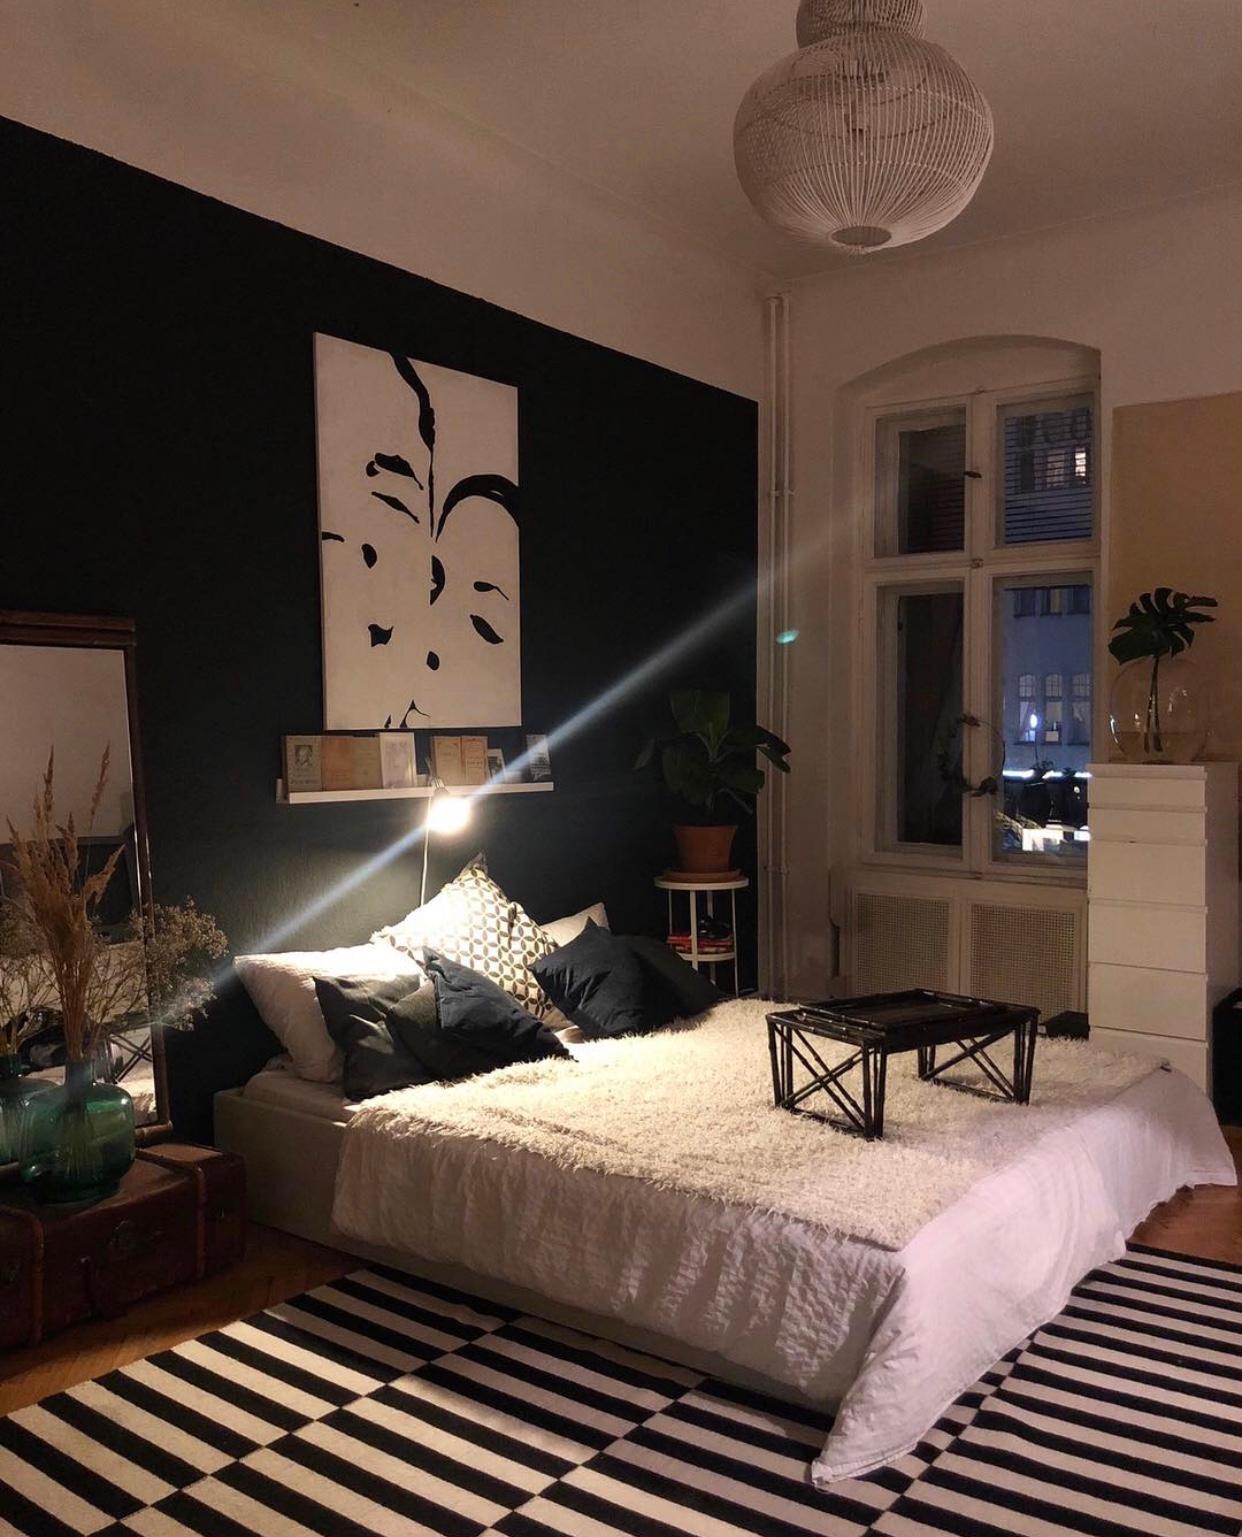 Altbau: Hohe Decken Nutzen & Räume Charmant Gestalten